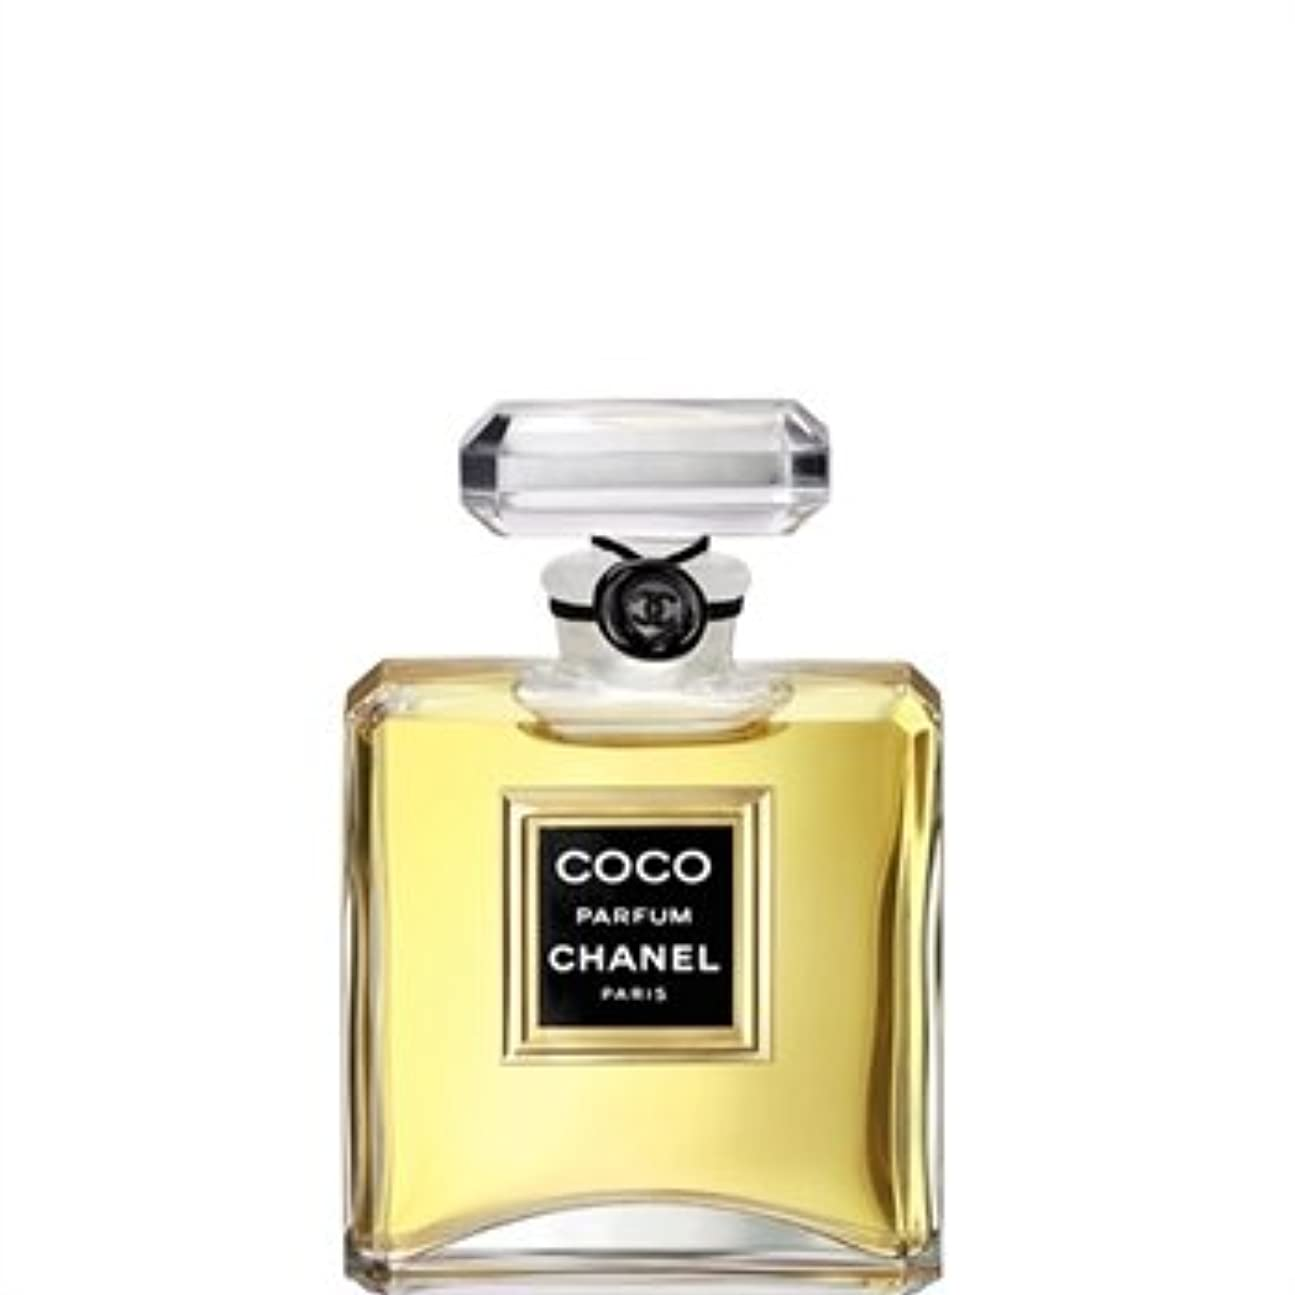 注ぎます論文複数CHANEL(シャネル) COCO ココ 7.5ml ボトル 香水